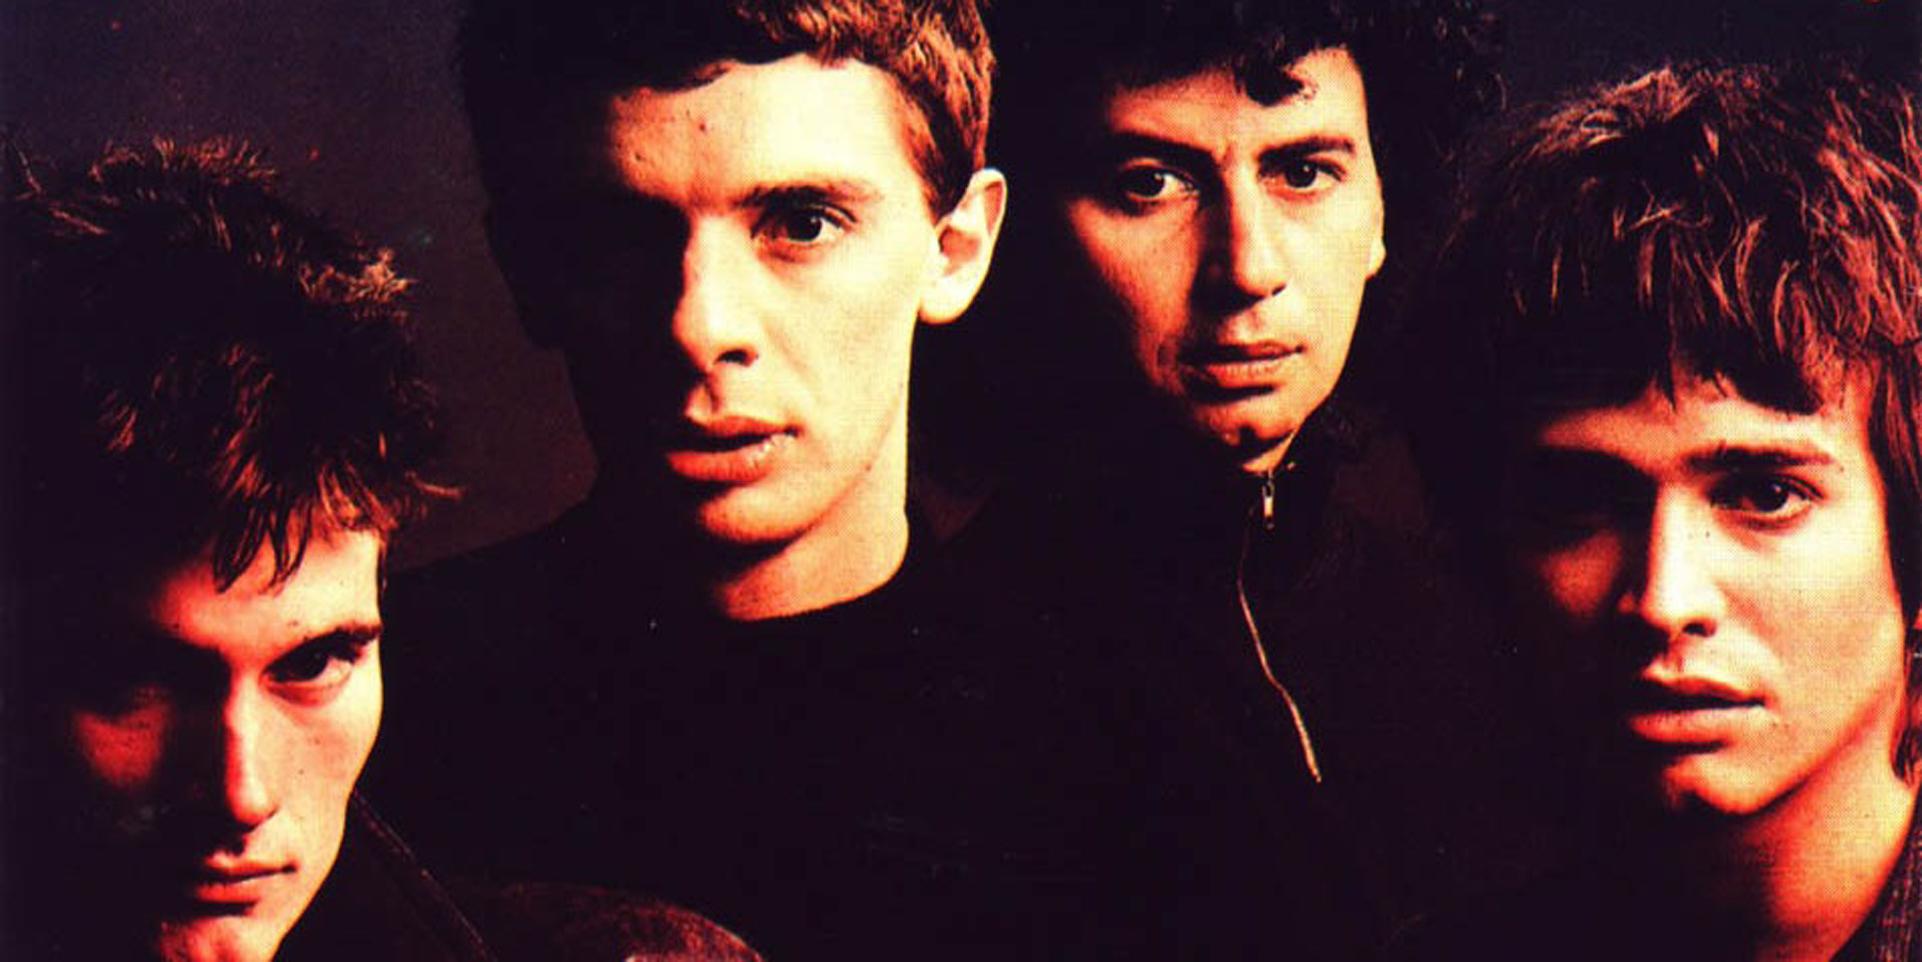 El dia que Mick Jagger y los Oasis le robaron a Juanse - Radio Cantilo